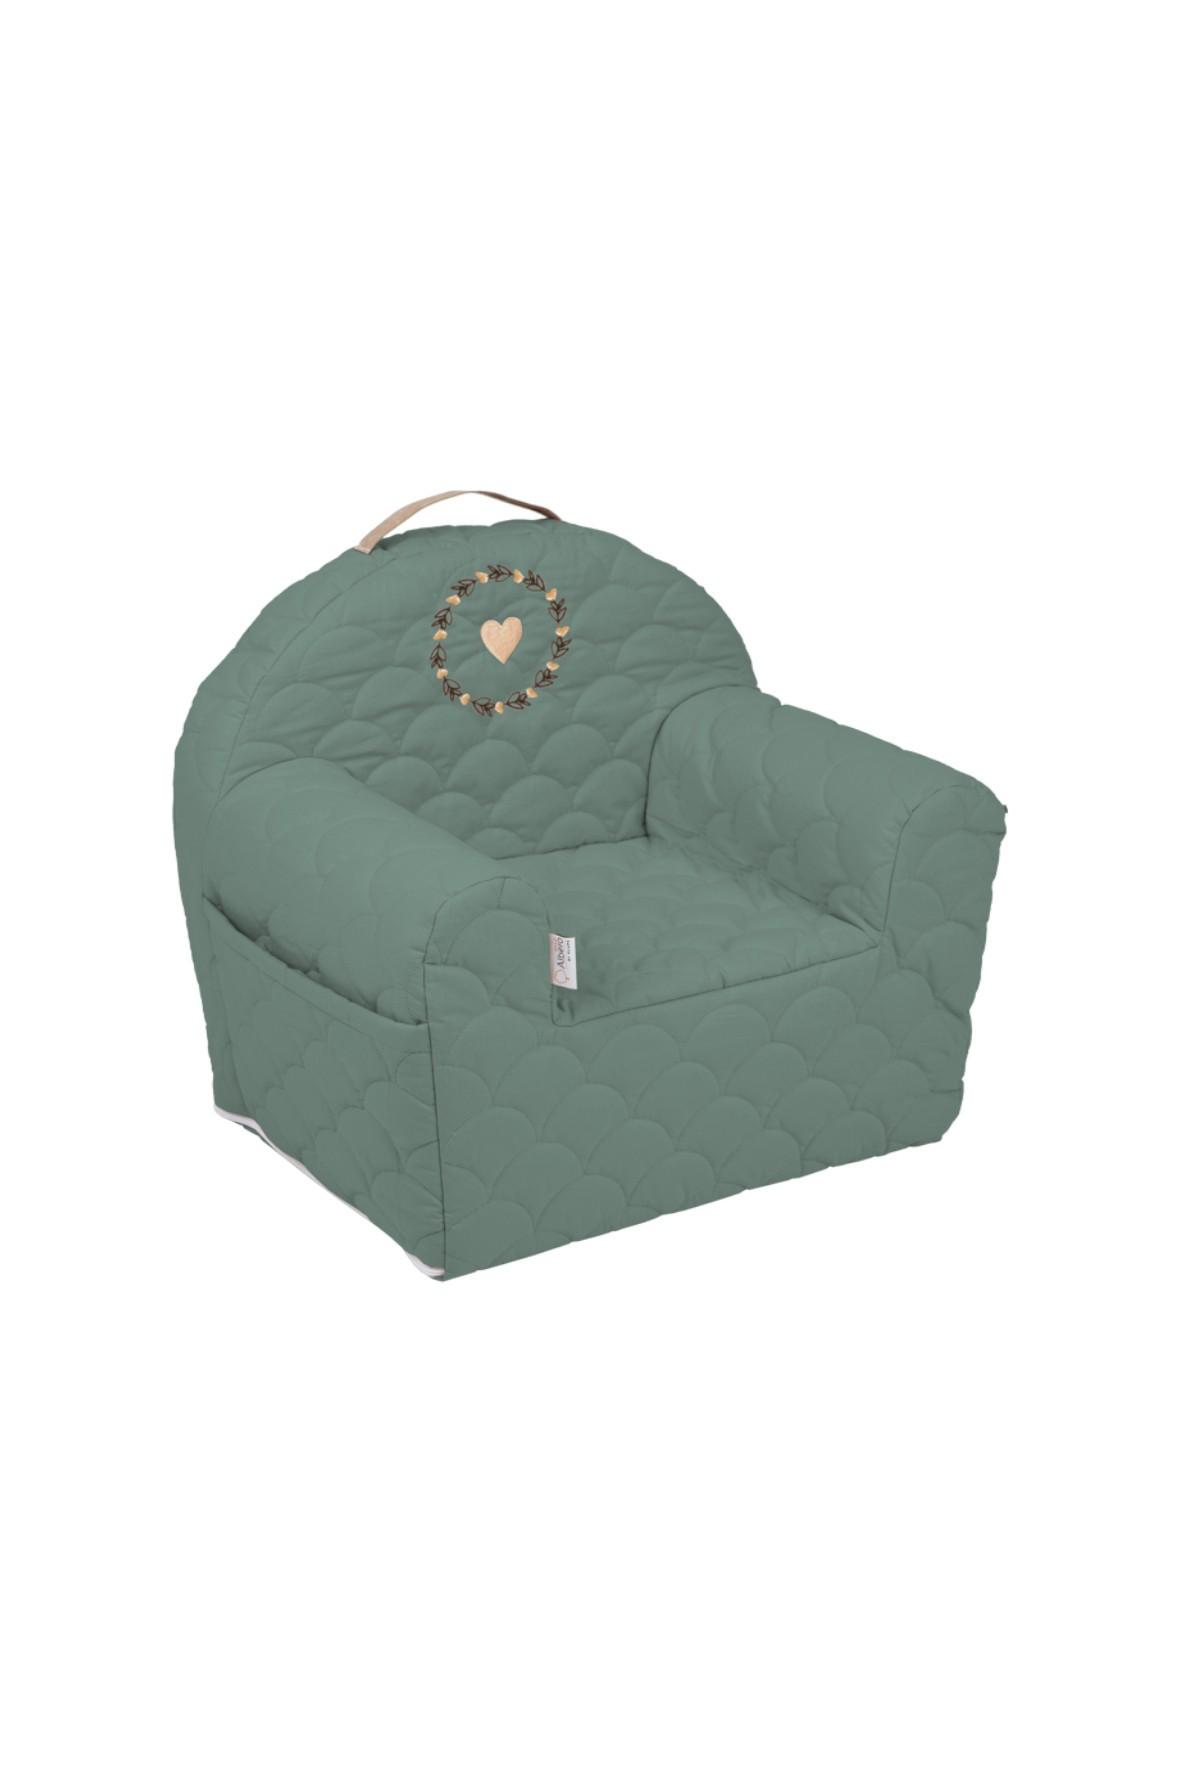 Bawełniany fotelik piankowy Savanna w kolorze zielonym - 50x35x45 cm